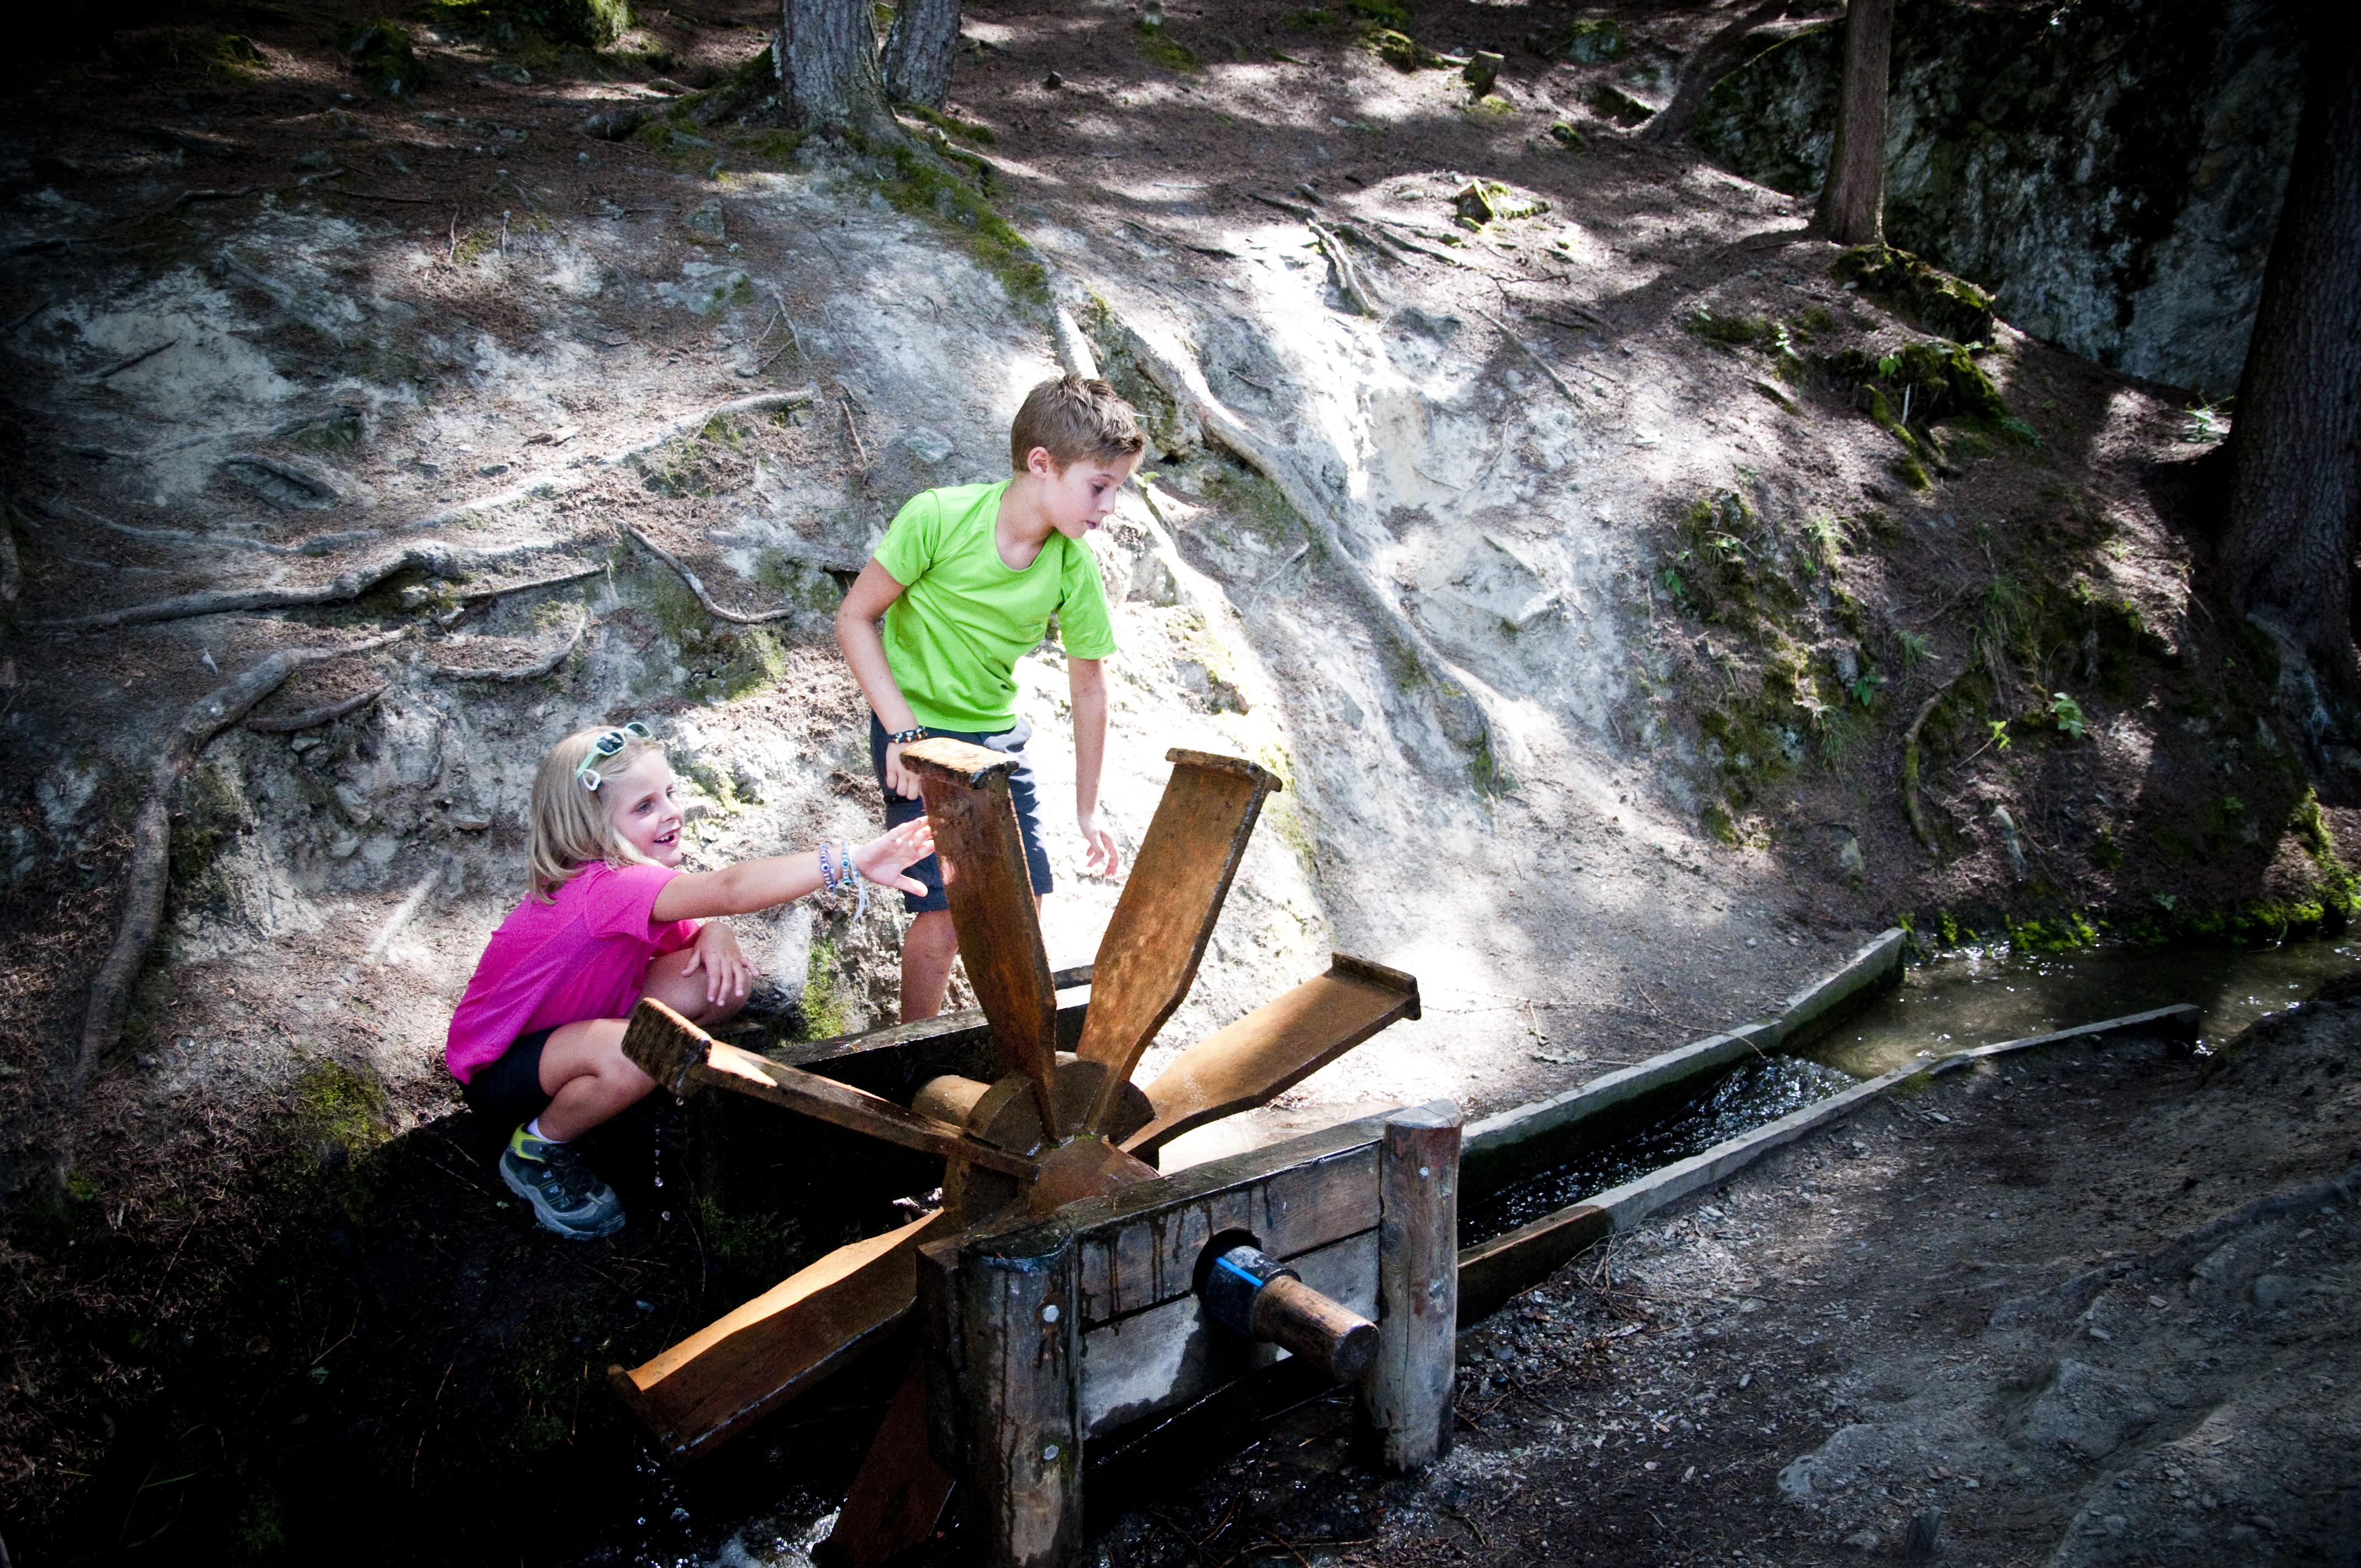 Les plus beaux bisse du Valais - Grand bisse de Vex à Veysonnaz